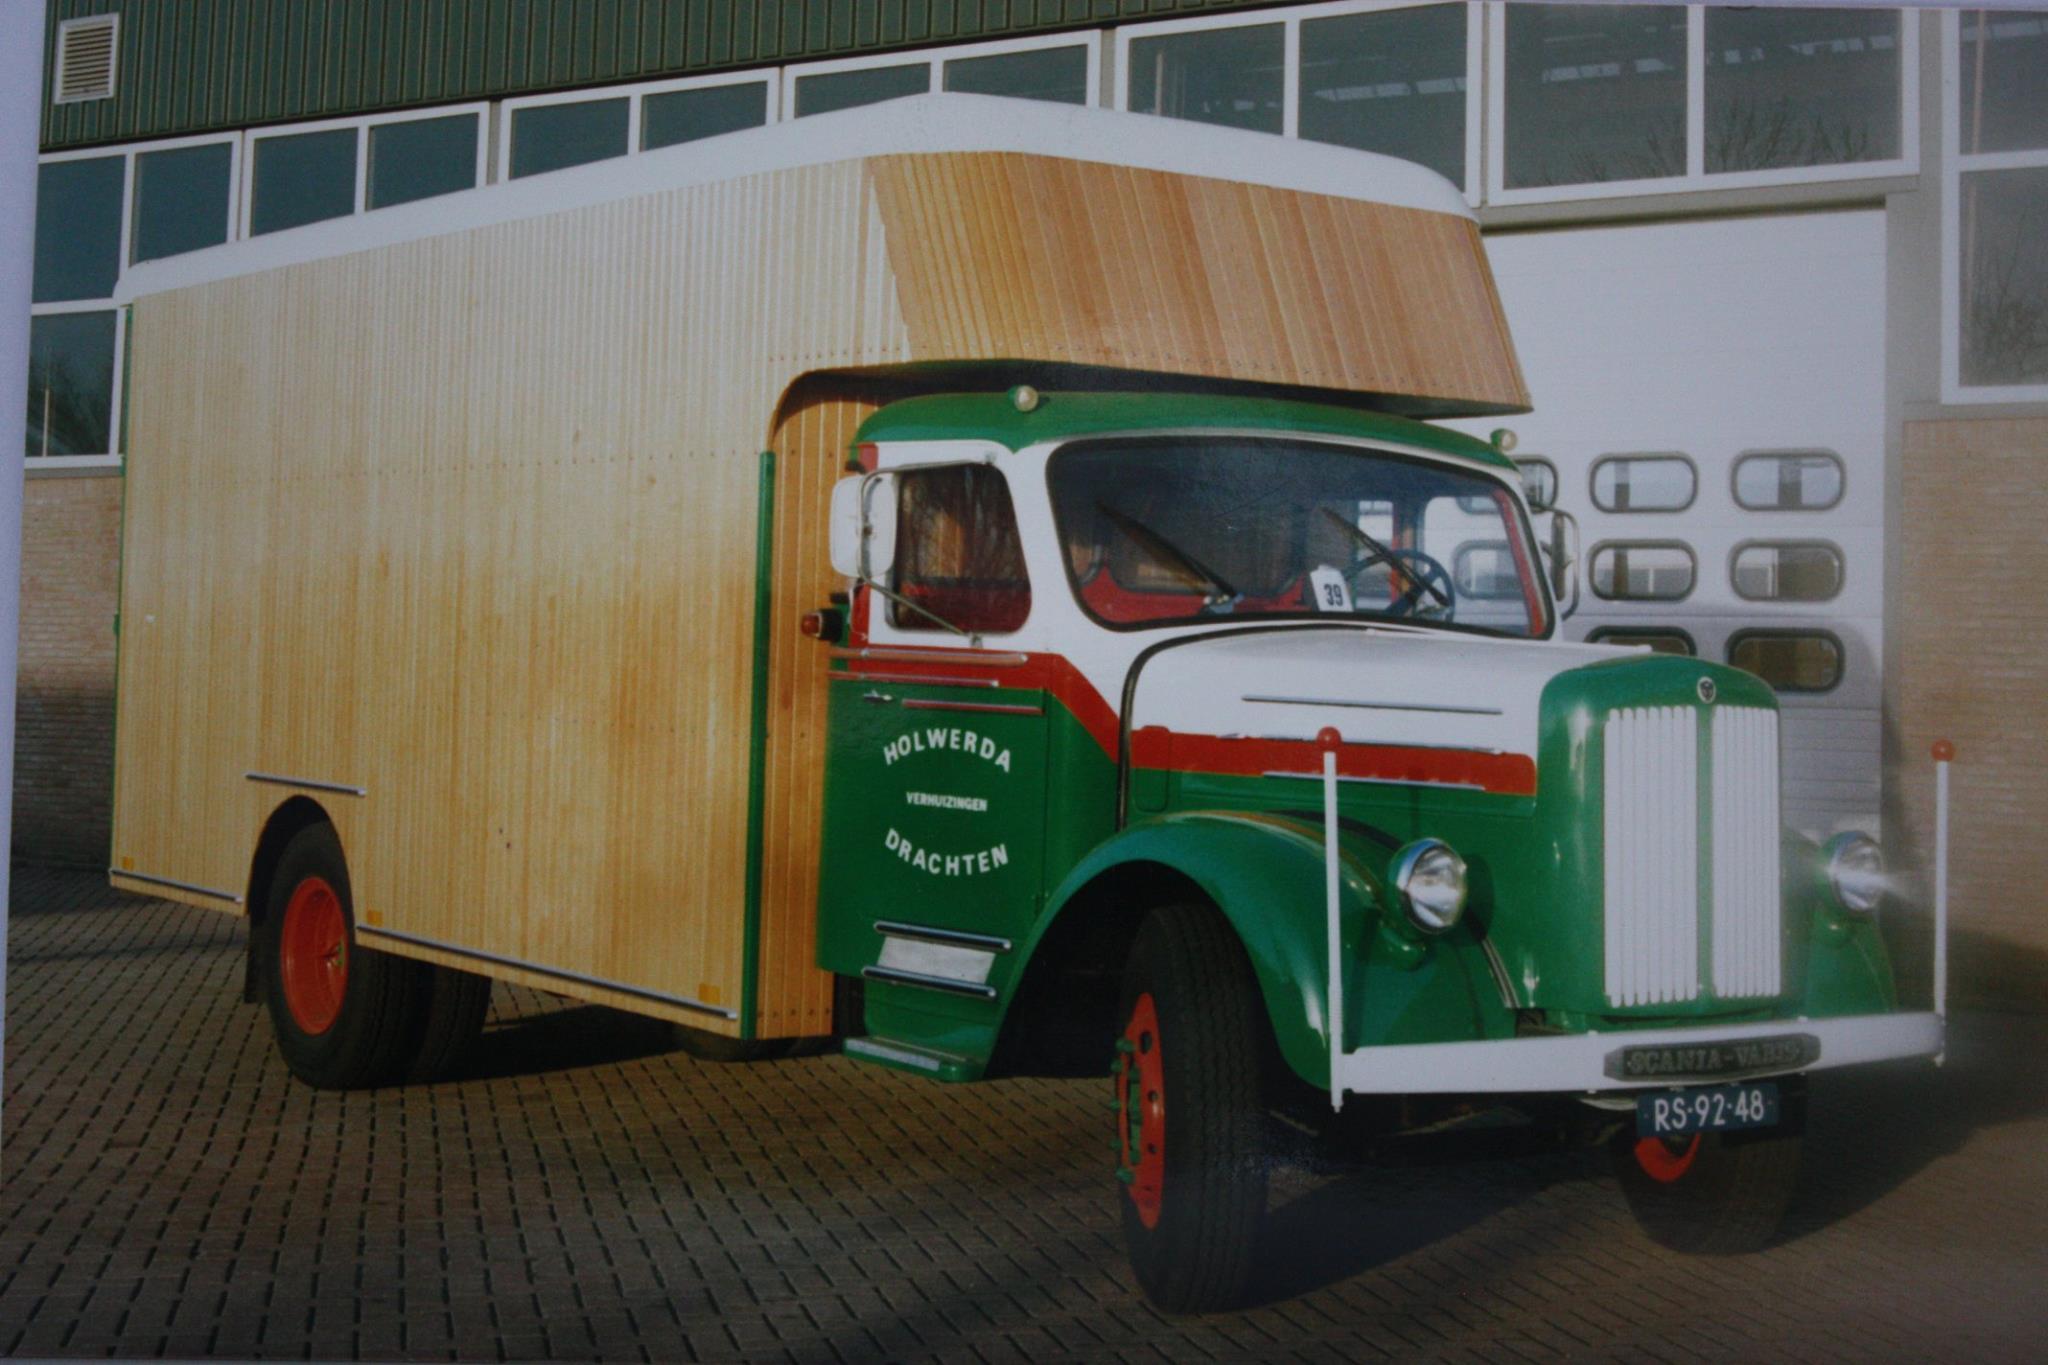 Op-deze-mooi-oude-Scania-is-de-complete-houten-dichte-laadbak-door-mijn-vader-Pieter-Rondaan-vernieuwd-voor-Holwerda-verhuizingen-uit-Drachten-1